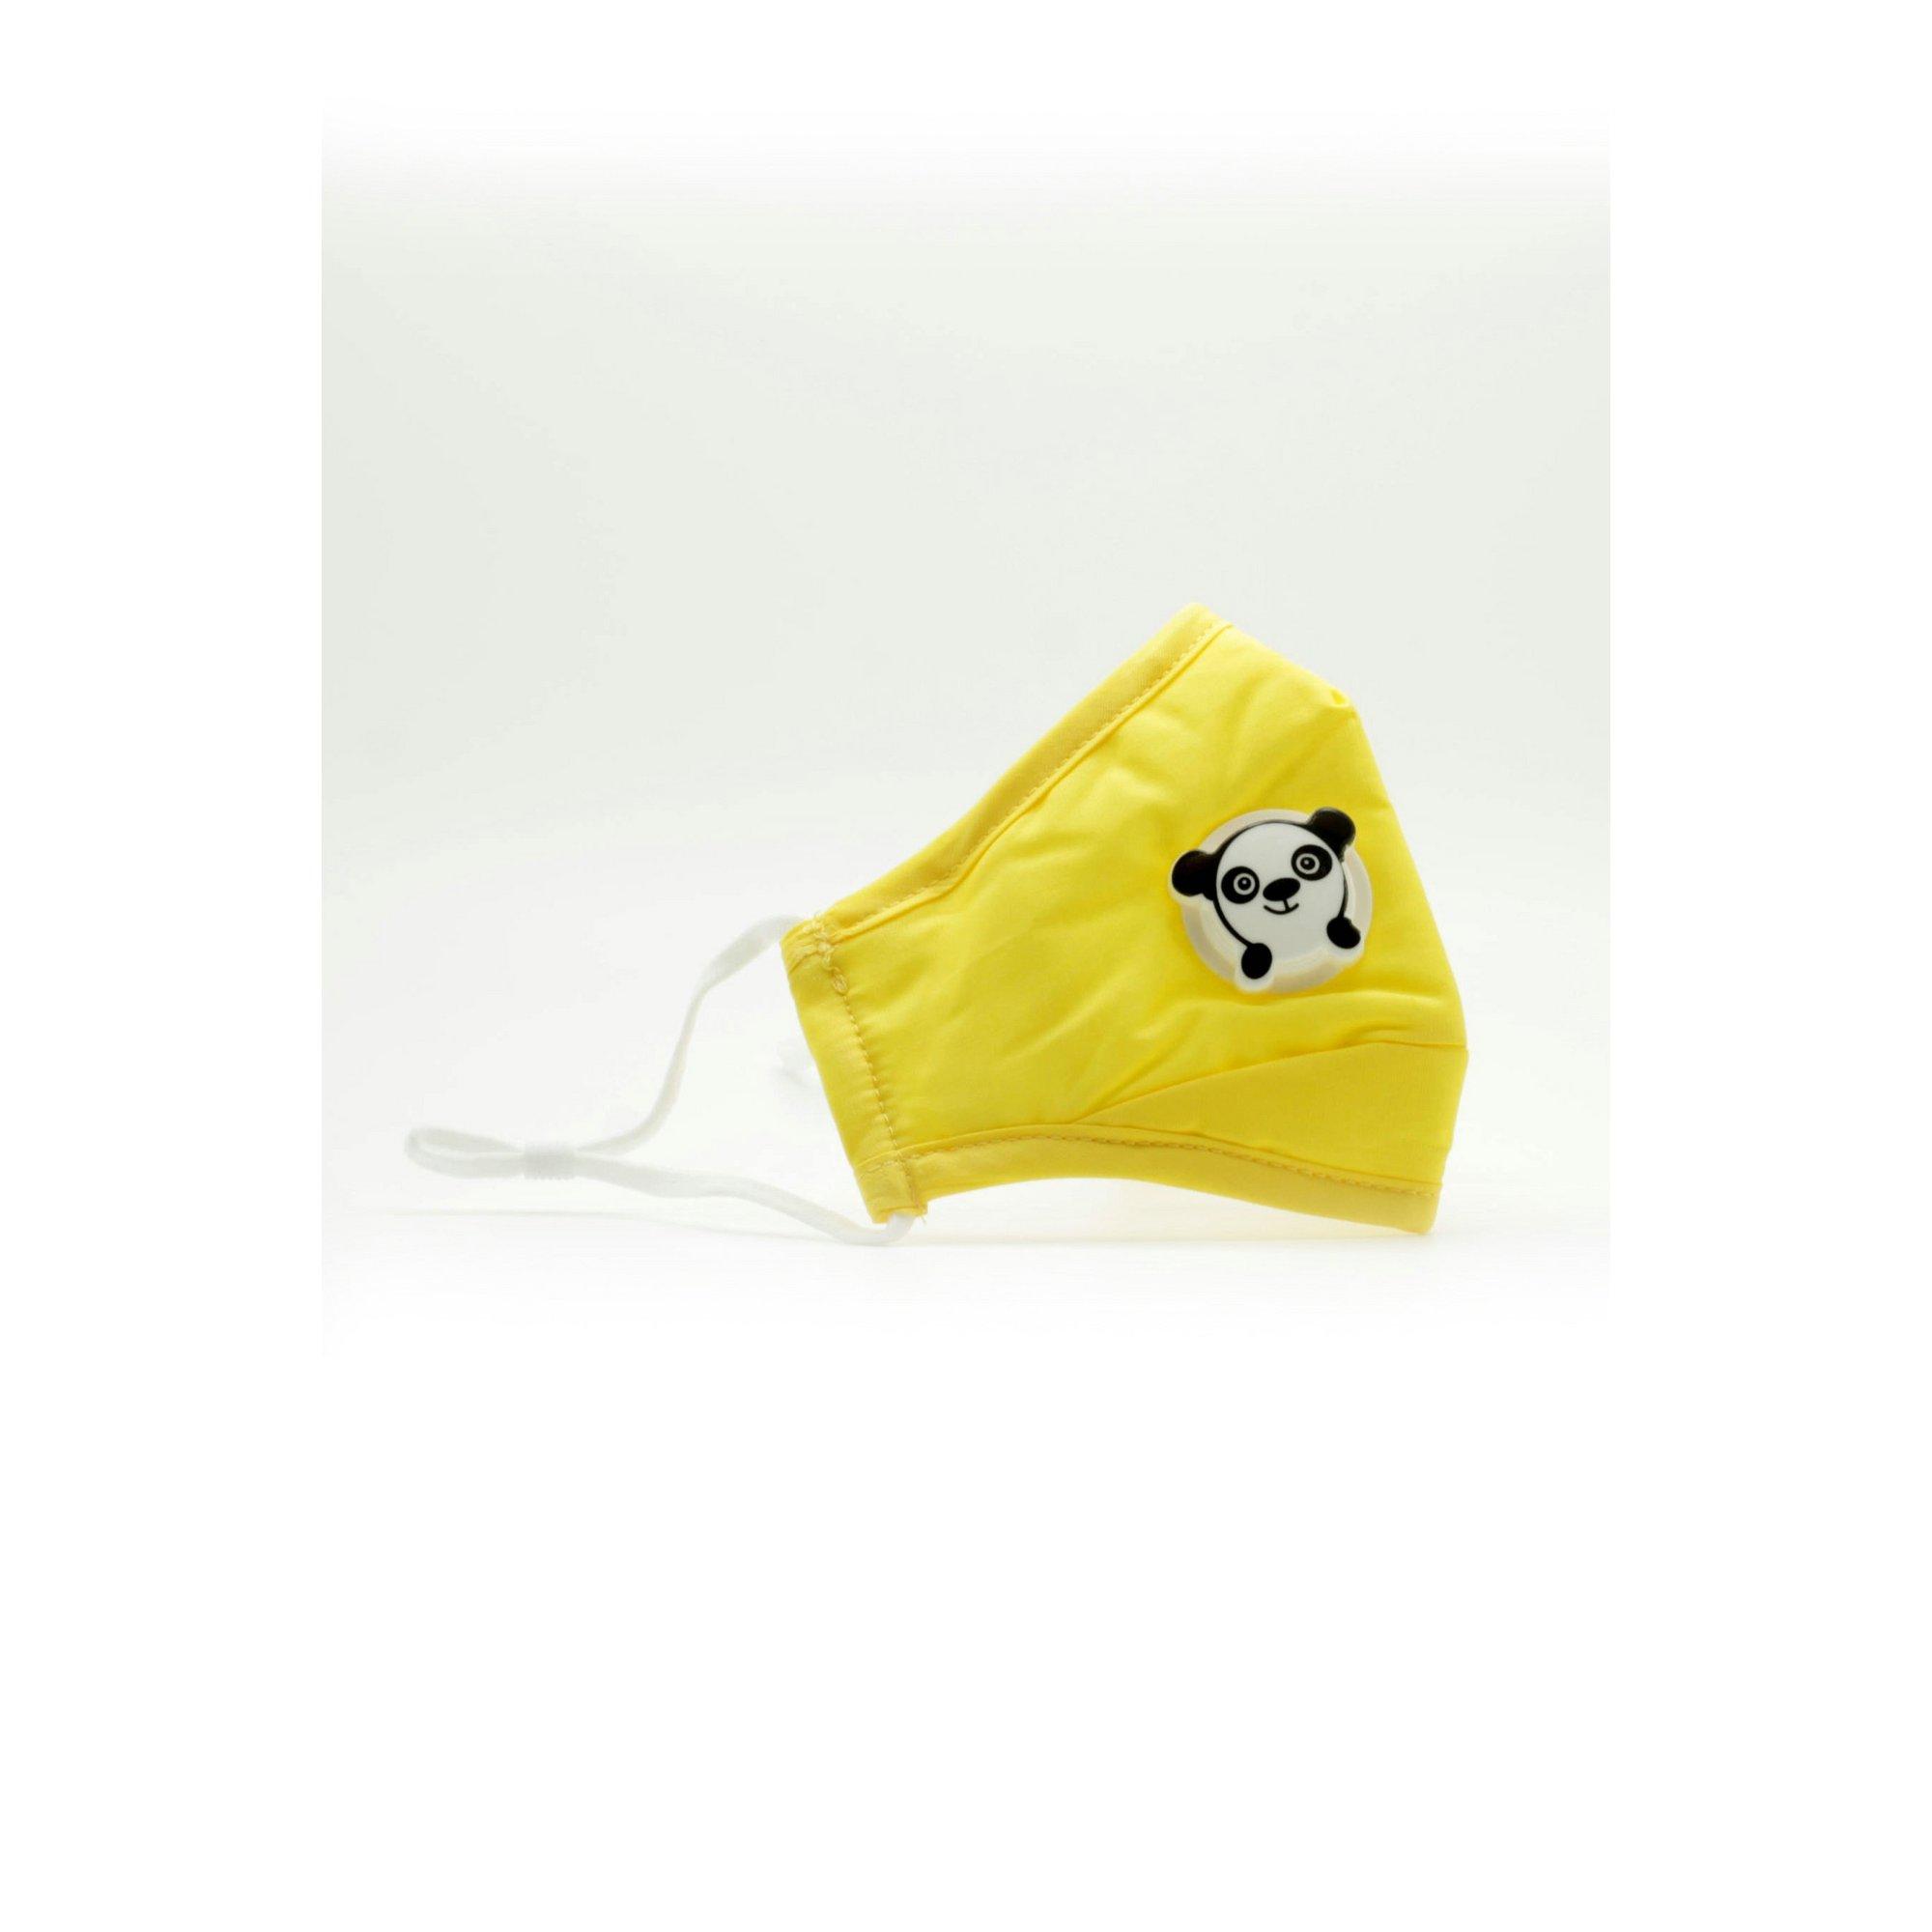 Image of Kids Yellow Panda Reusable Face Mask